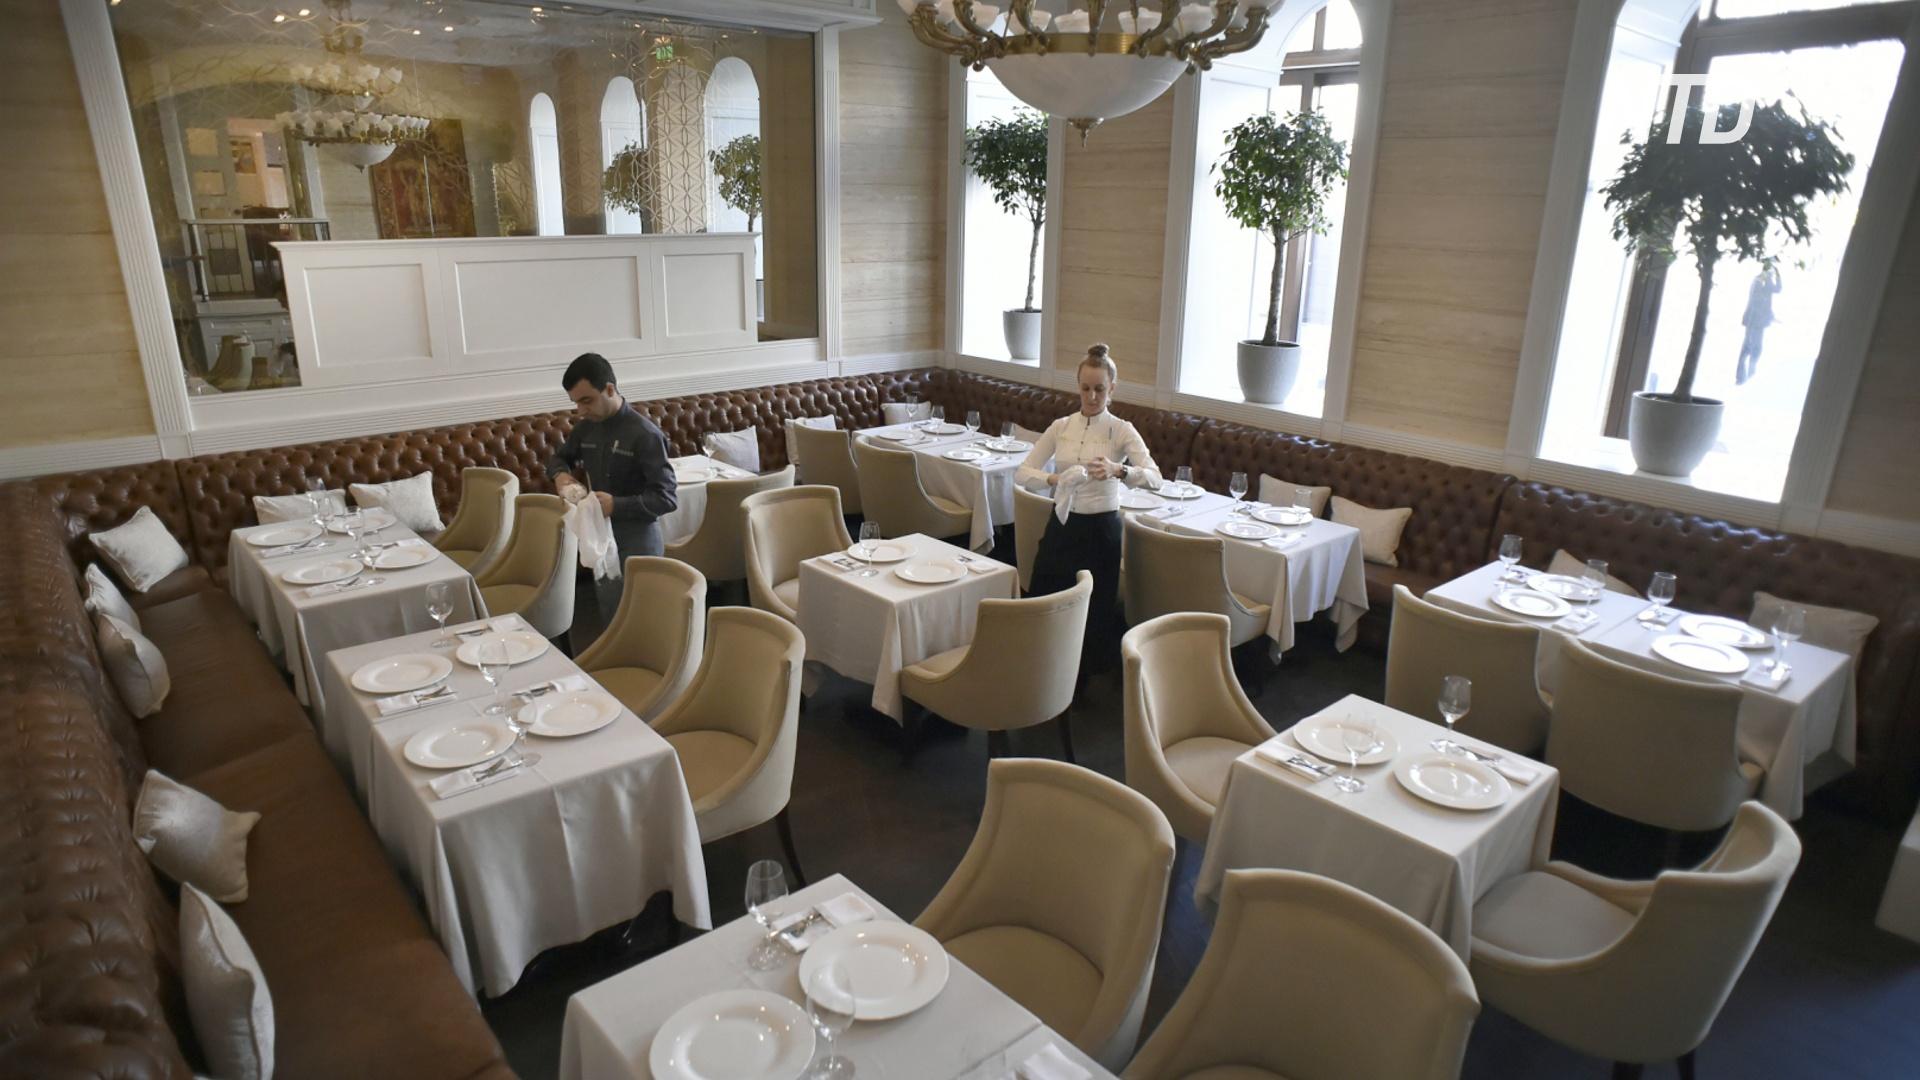 Московский ресторанный бизнес теряет до 60% выручки из-за QR-кодов